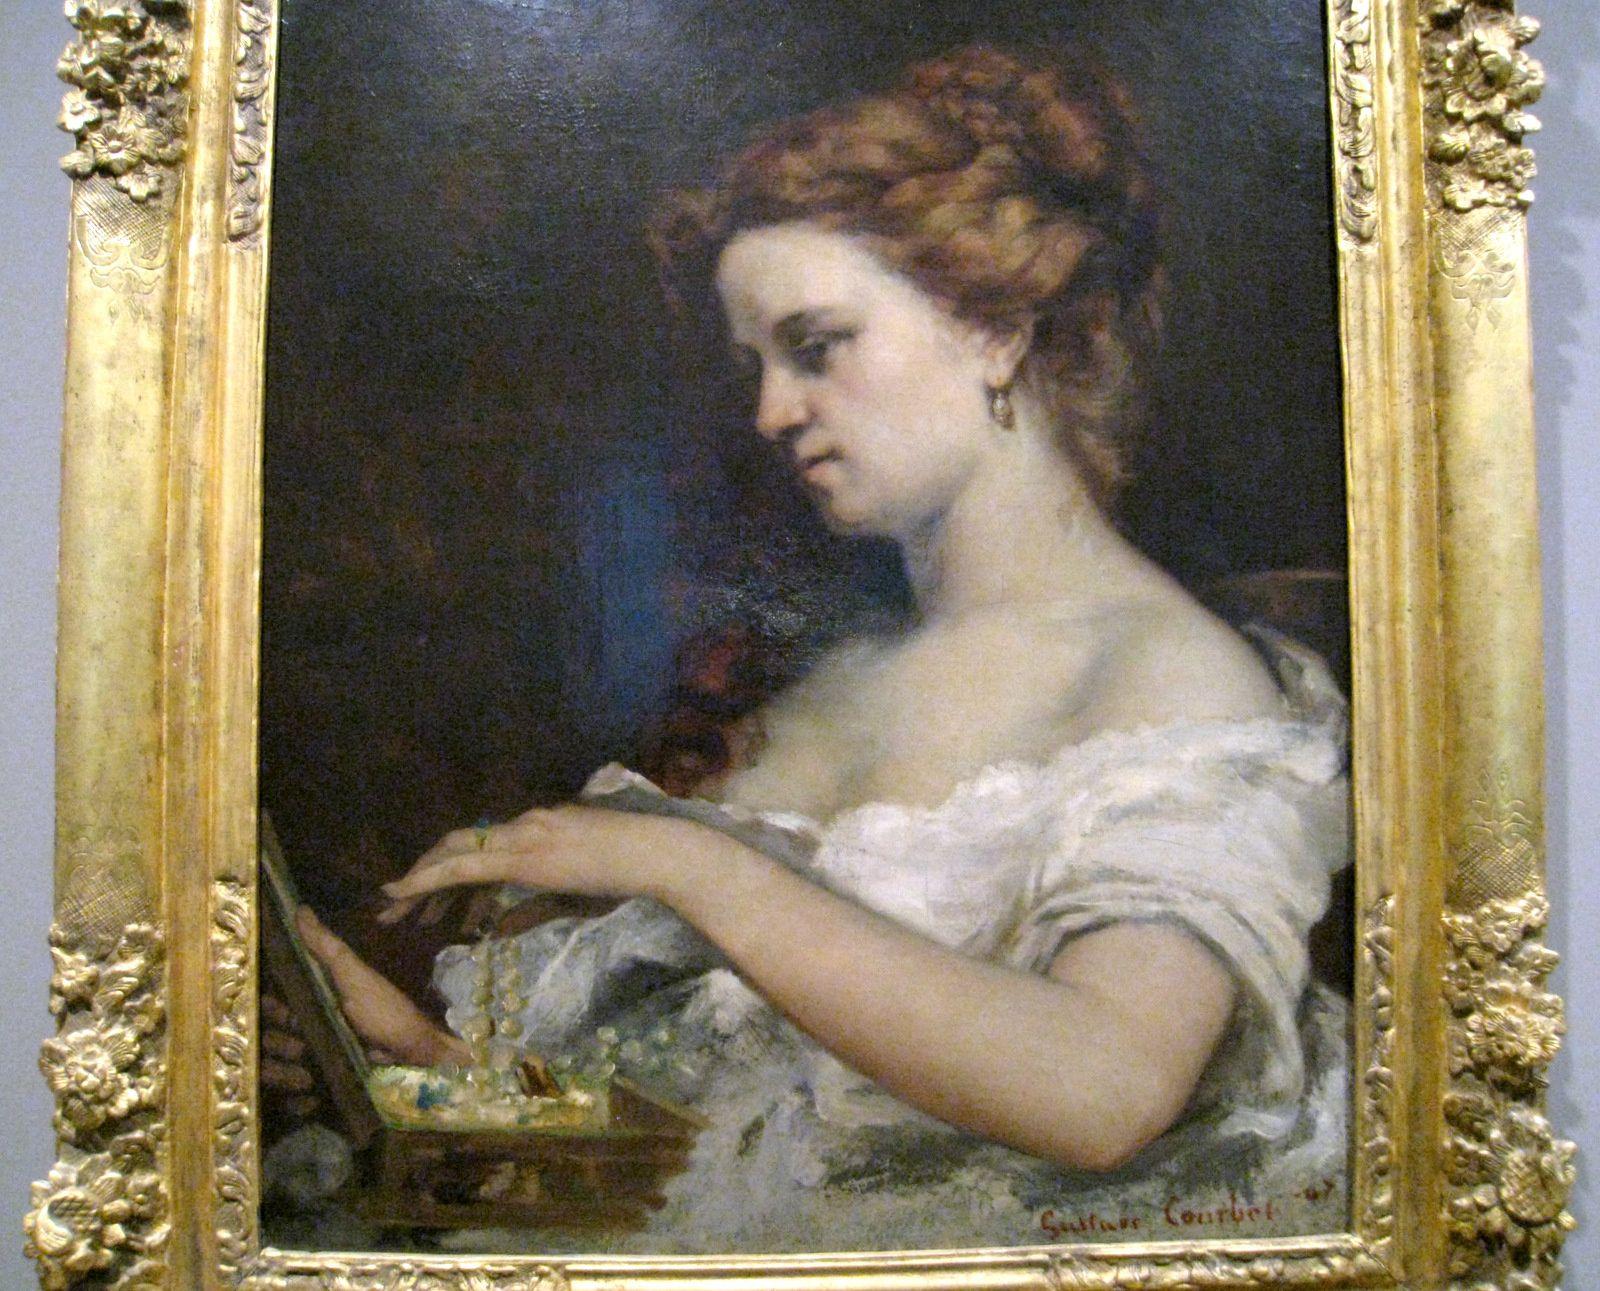 Gustave Courbet, La dame aux bijoux